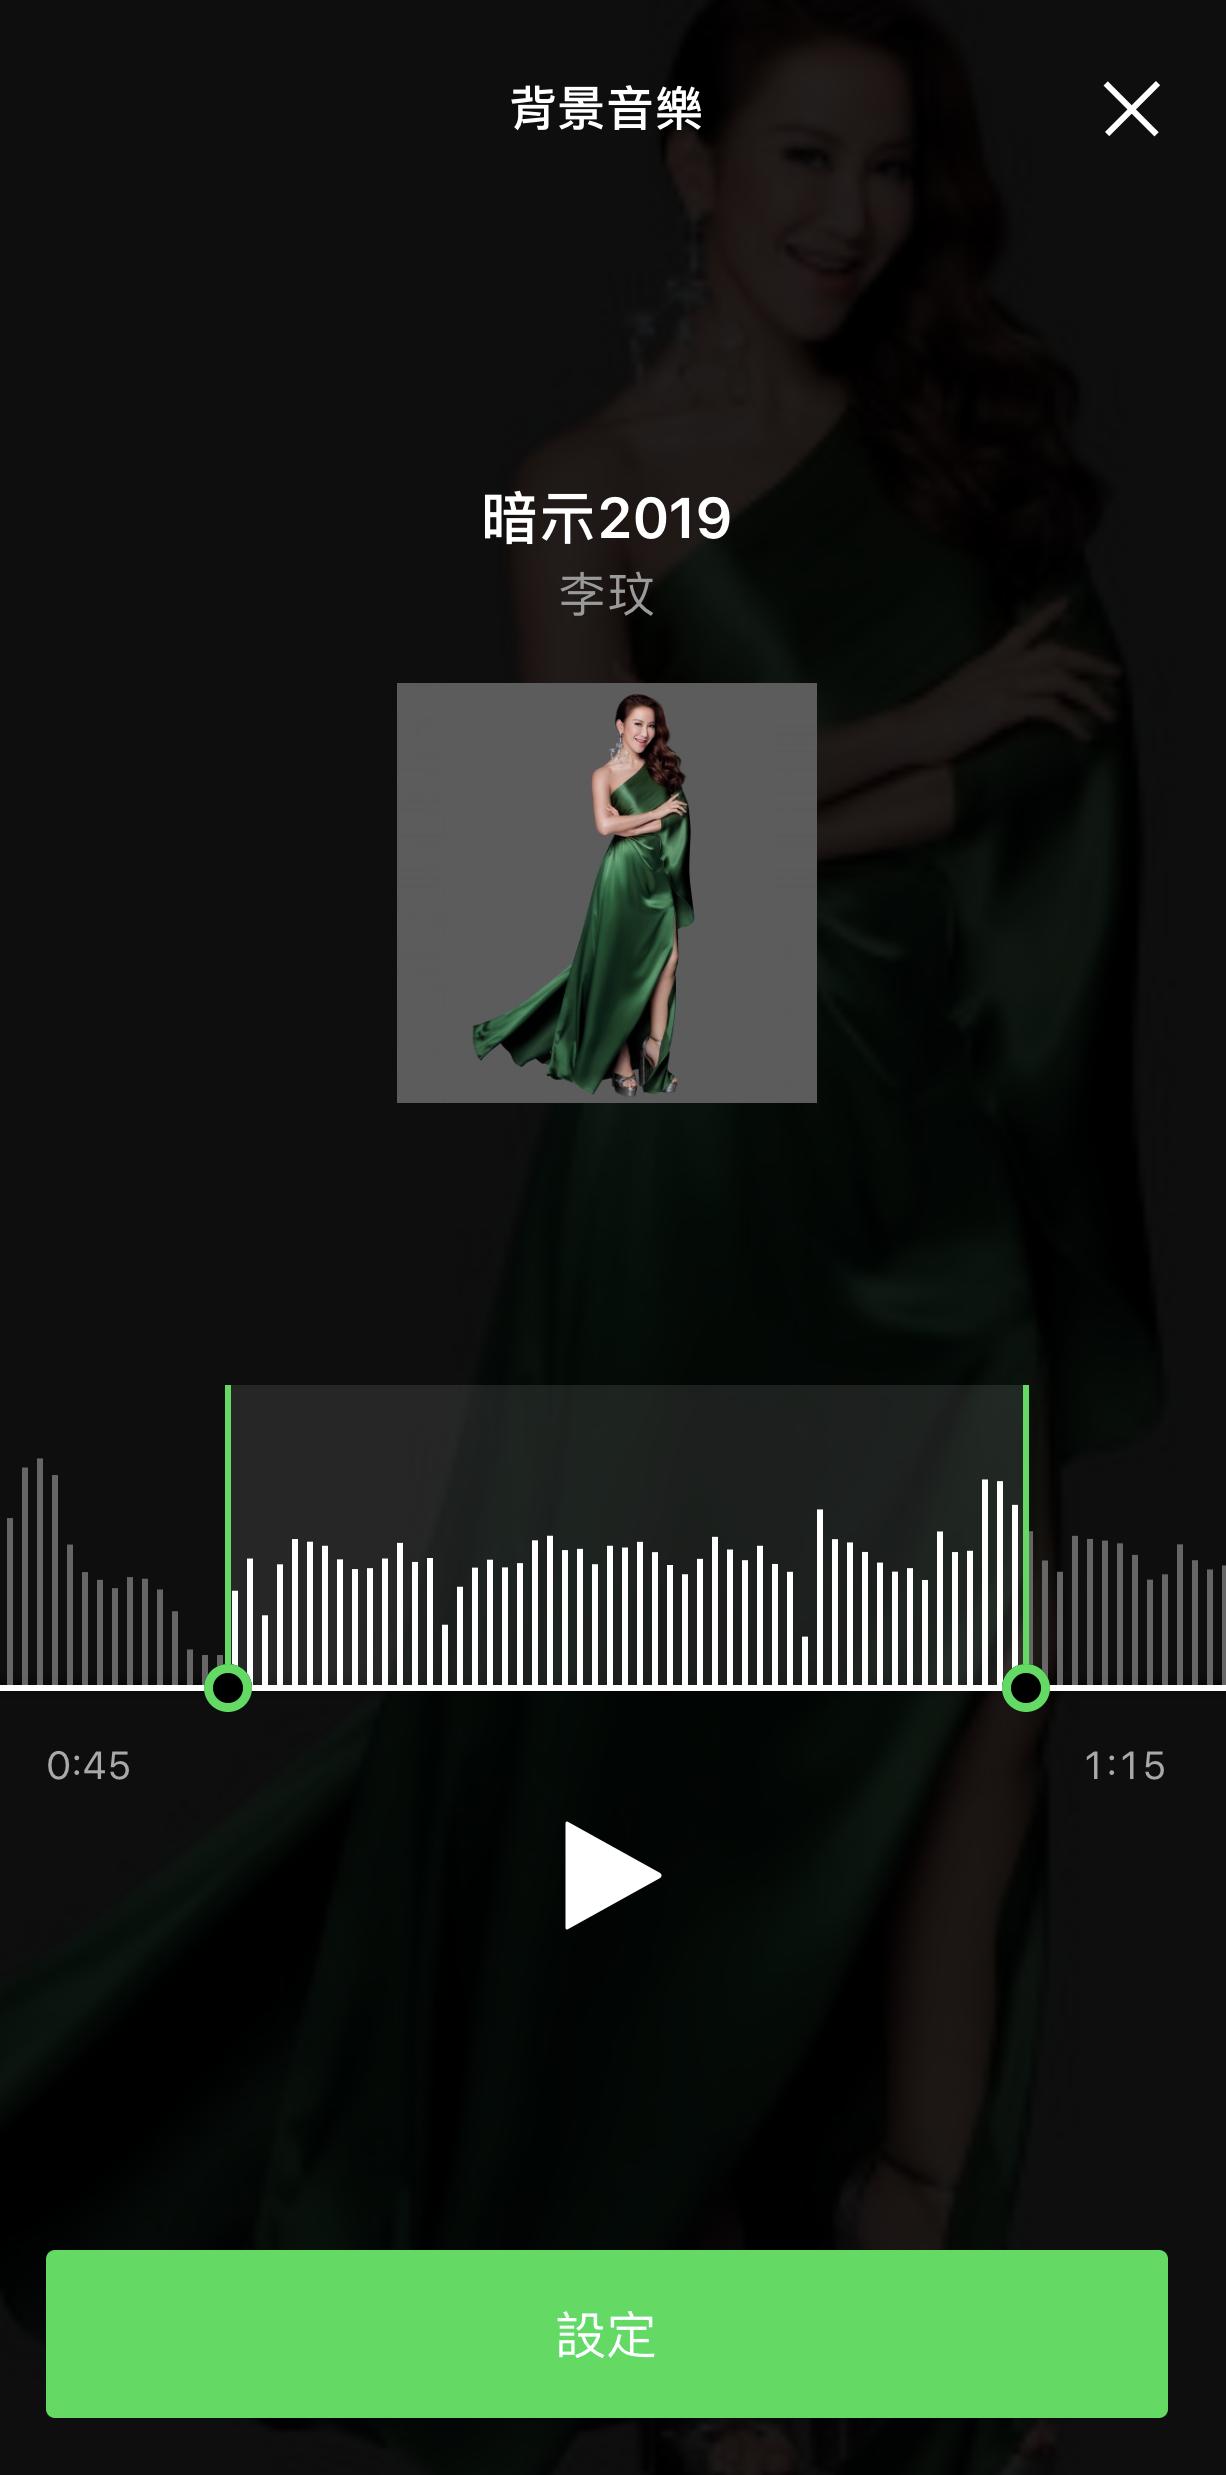 用戶可剪輯喜歡的音樂片段製作成個人化LINE音樂鈴聲及來電答鈴。圖/手機截圖